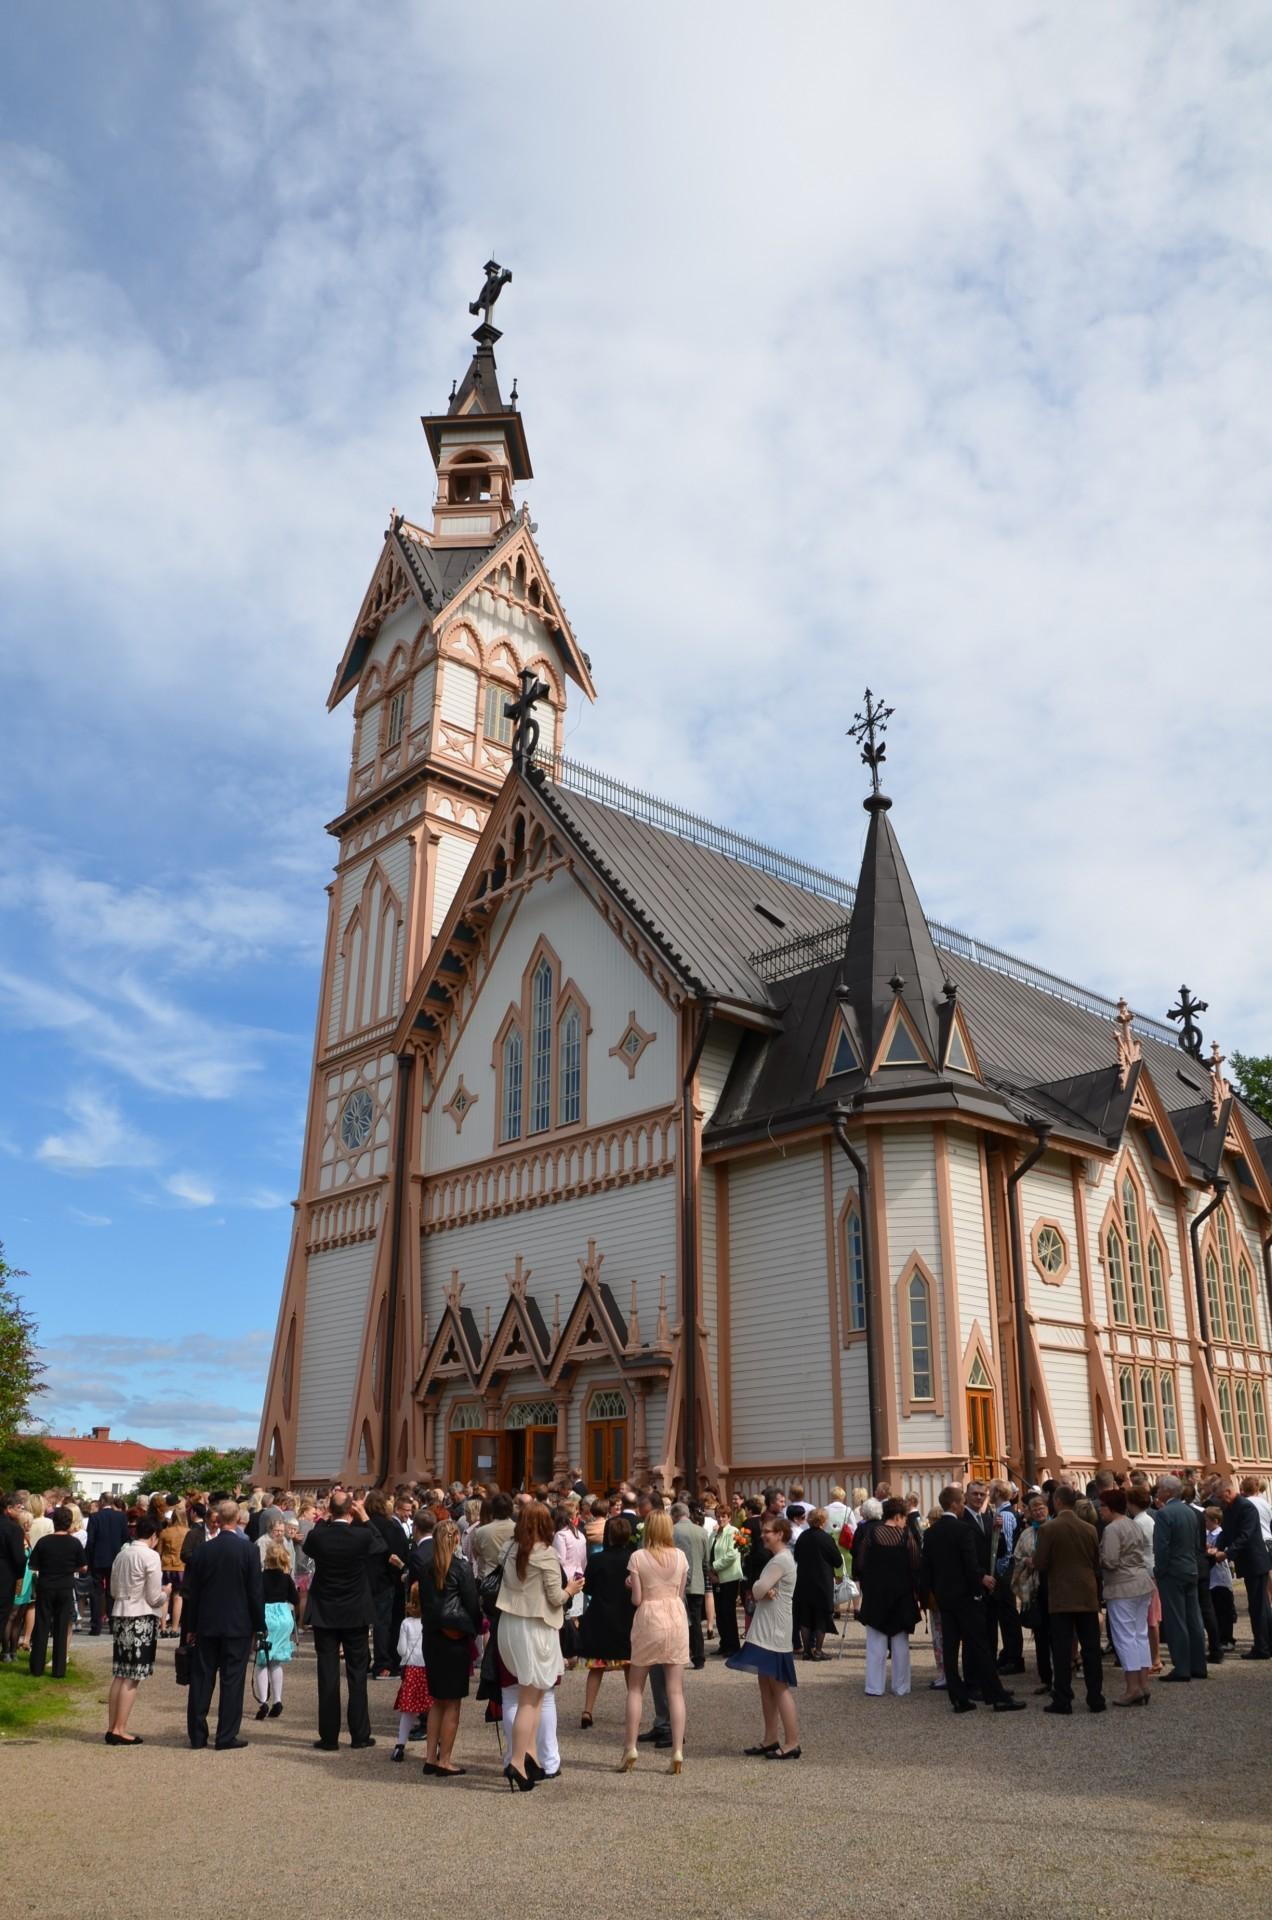 Kajaanin kirkon pihalla on konfirmaation jälkeen runsaasti väkeä.